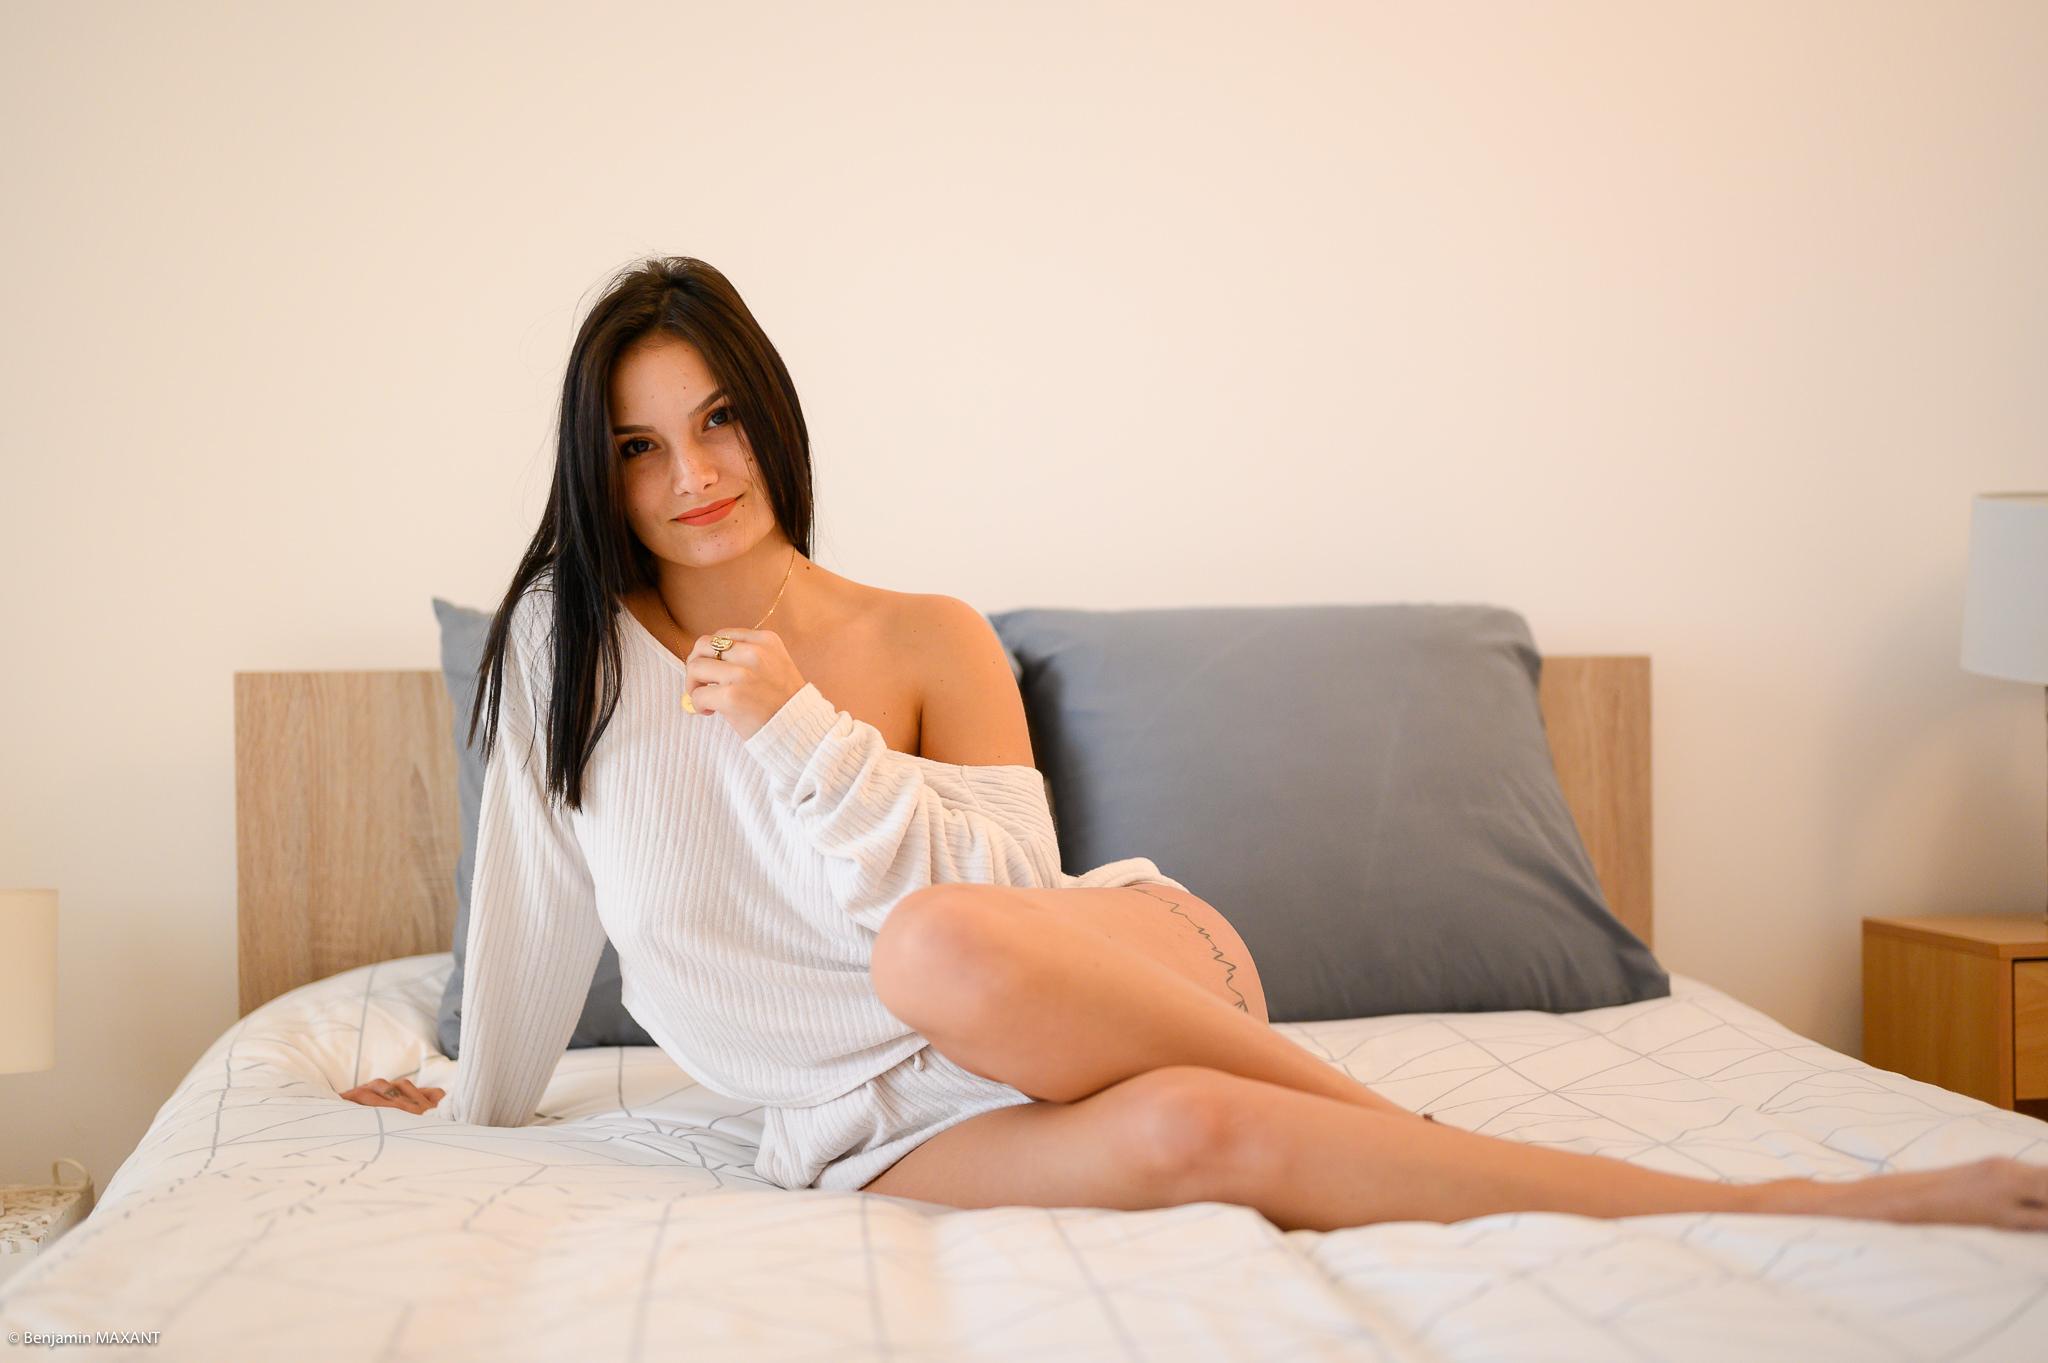 Séance photo boudoir ensemble blanc souple ouvert modèle alongée sur le lit